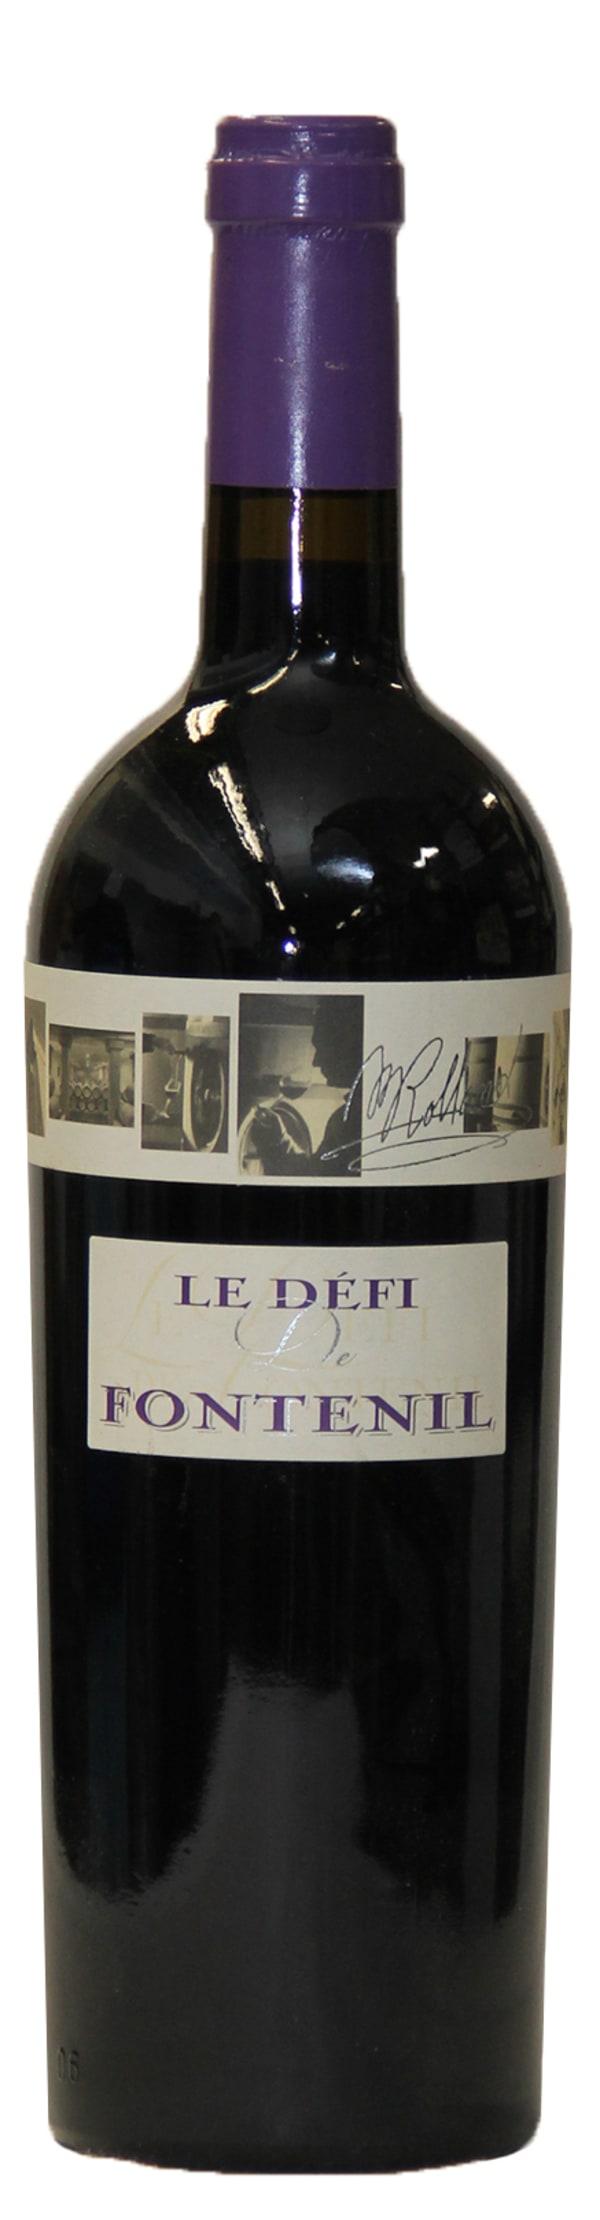 Le Défi De Fontenil Lot. 09